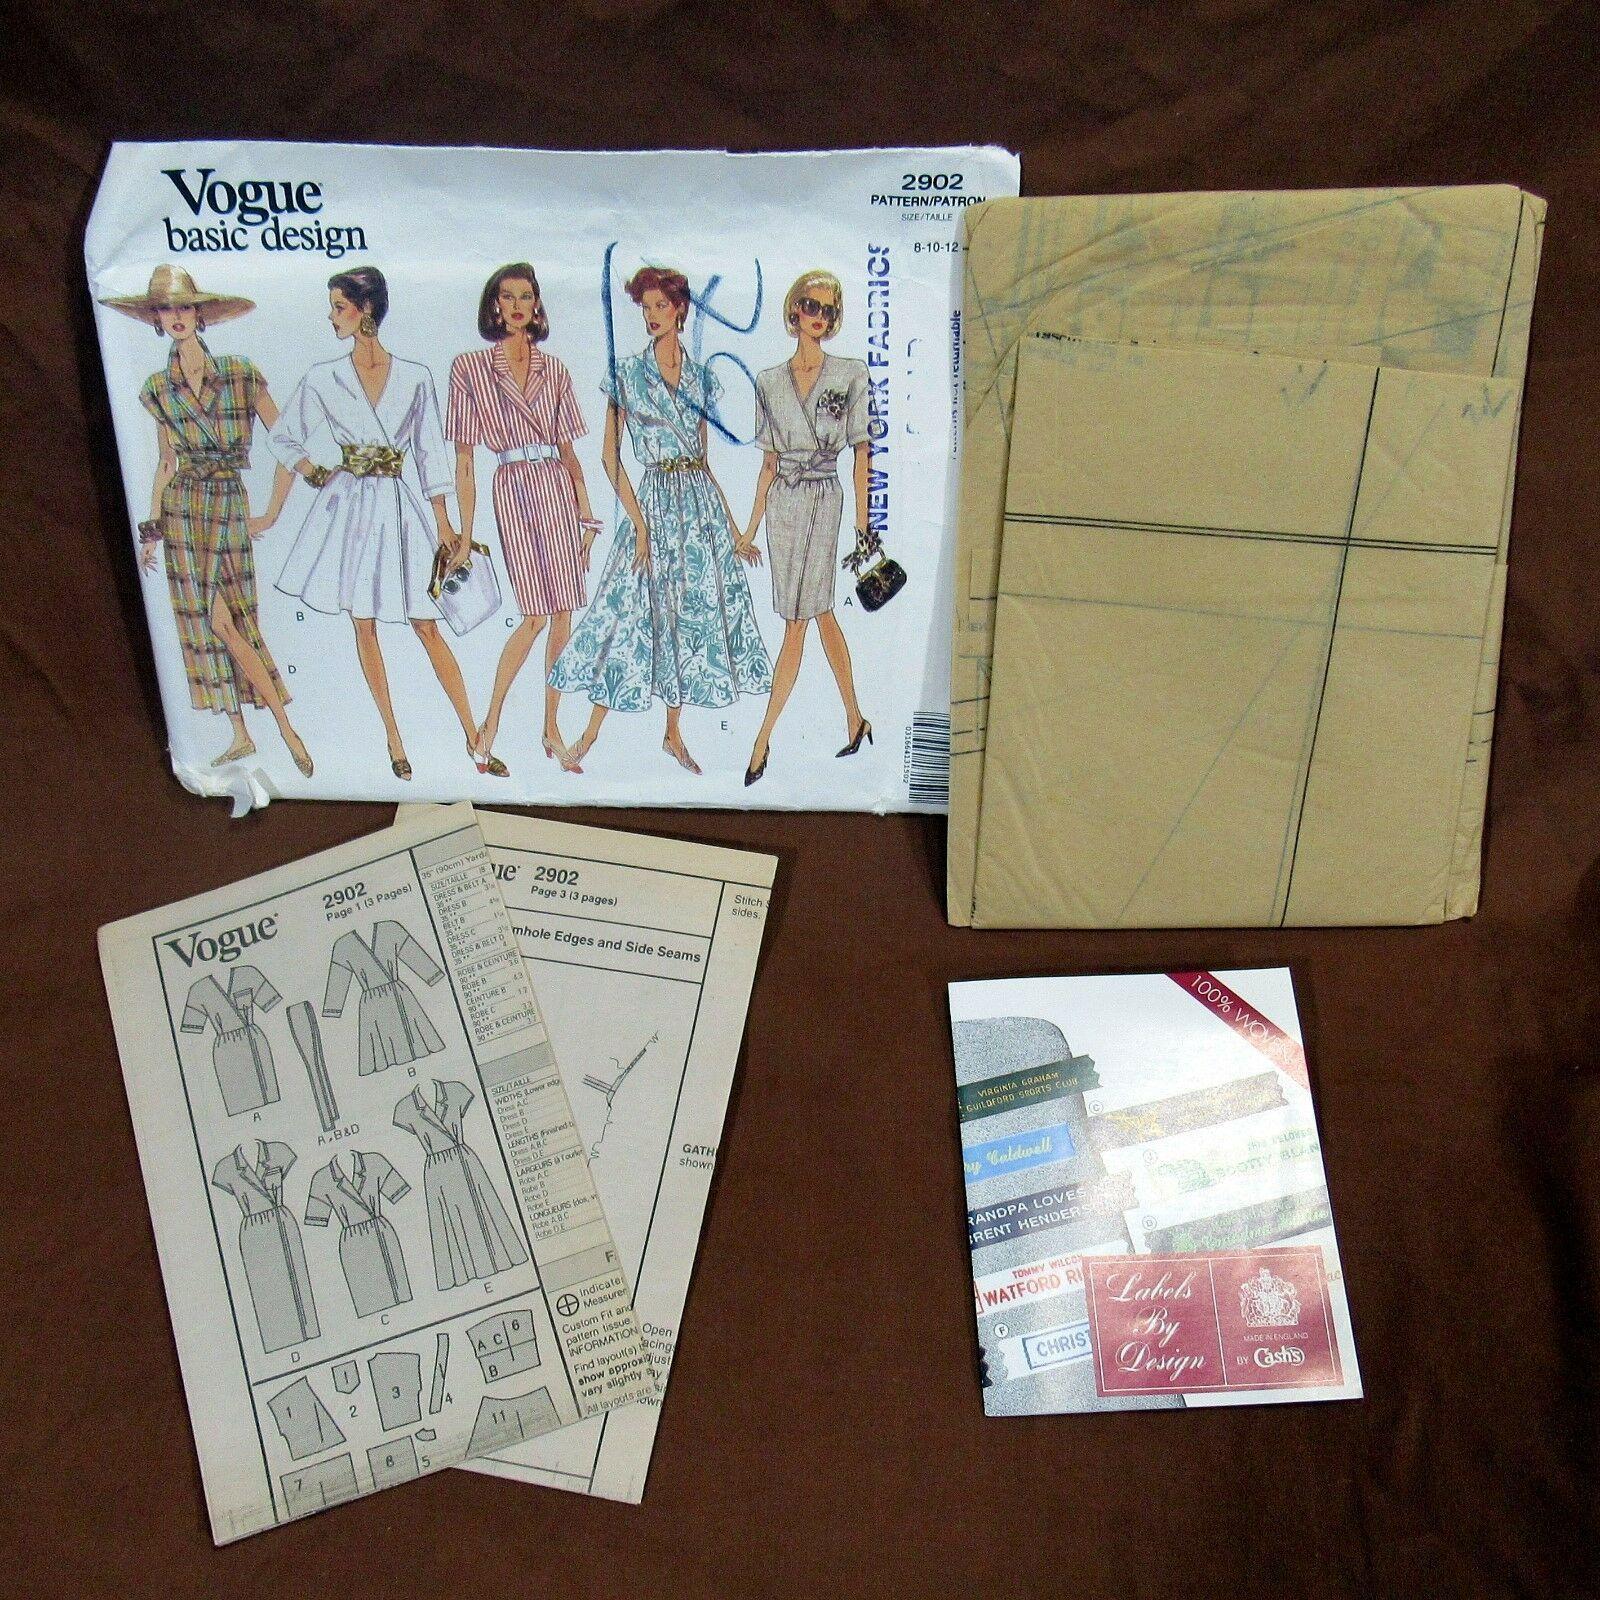 Vtg Vogue Pattern Basic Design #2902 Size 8 10 12 Misses Petite Dress Variations